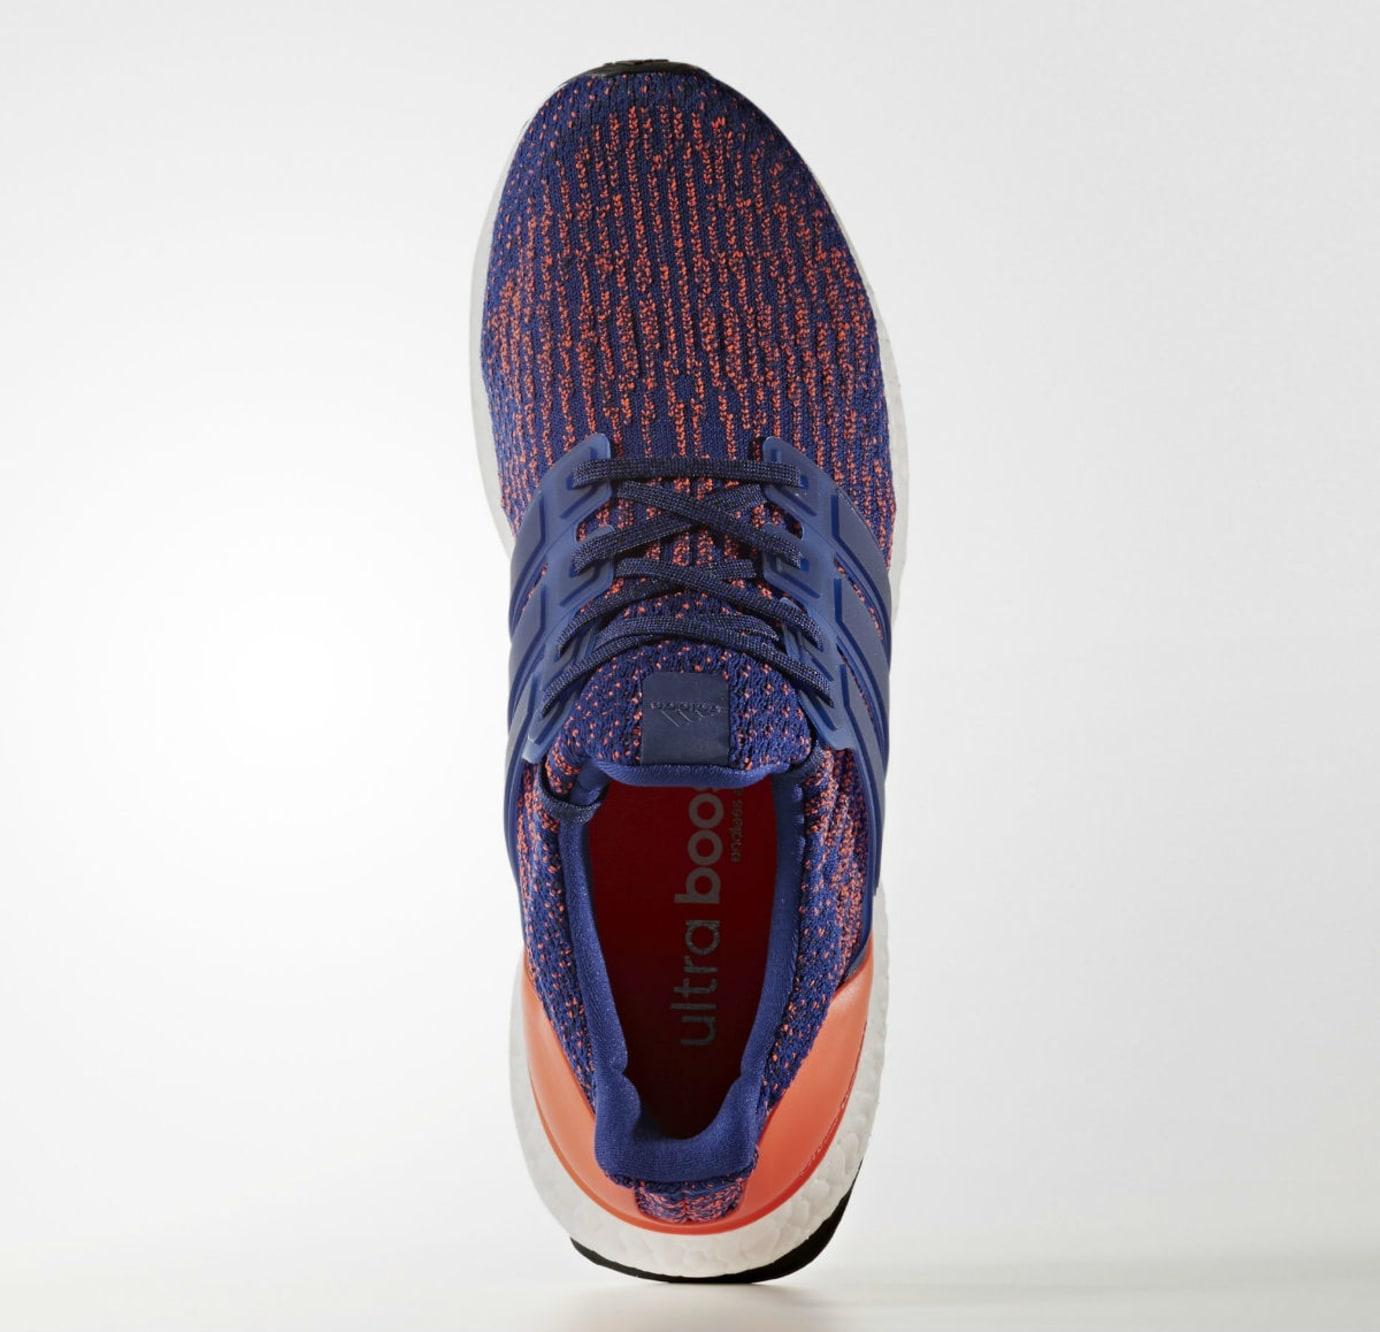 748e9d5604b25 Adidas Ultra Boost 3.0 Purple Orange Release Date Top S82020